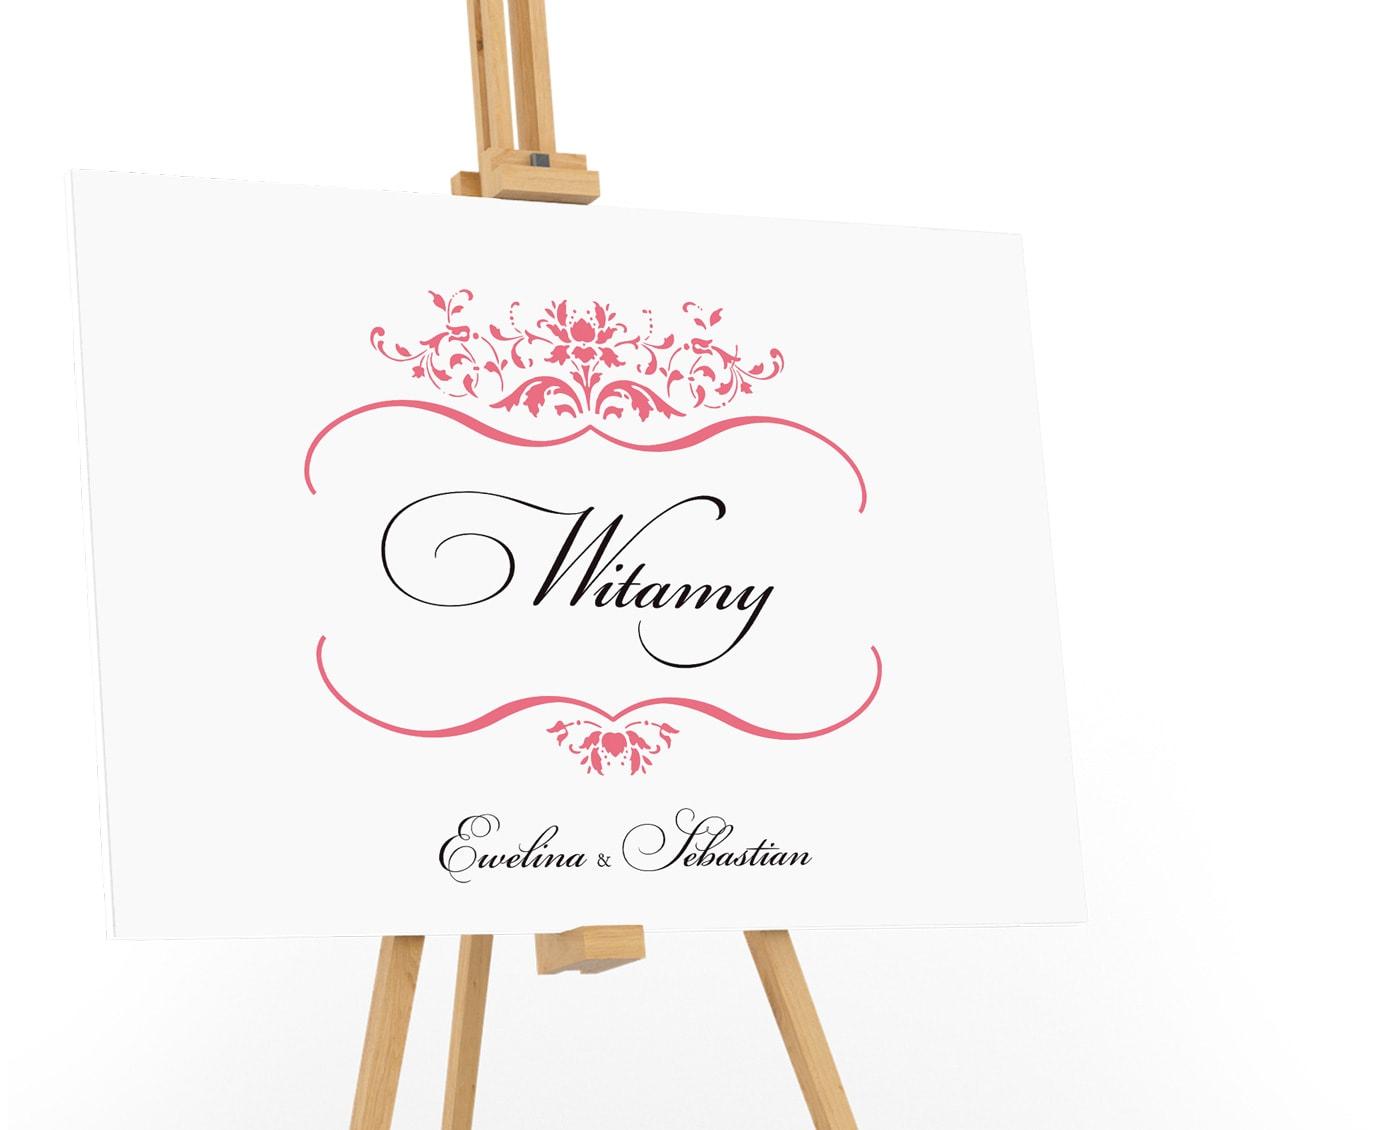 Tablica powitalna na wesele z dużym napisem Witem